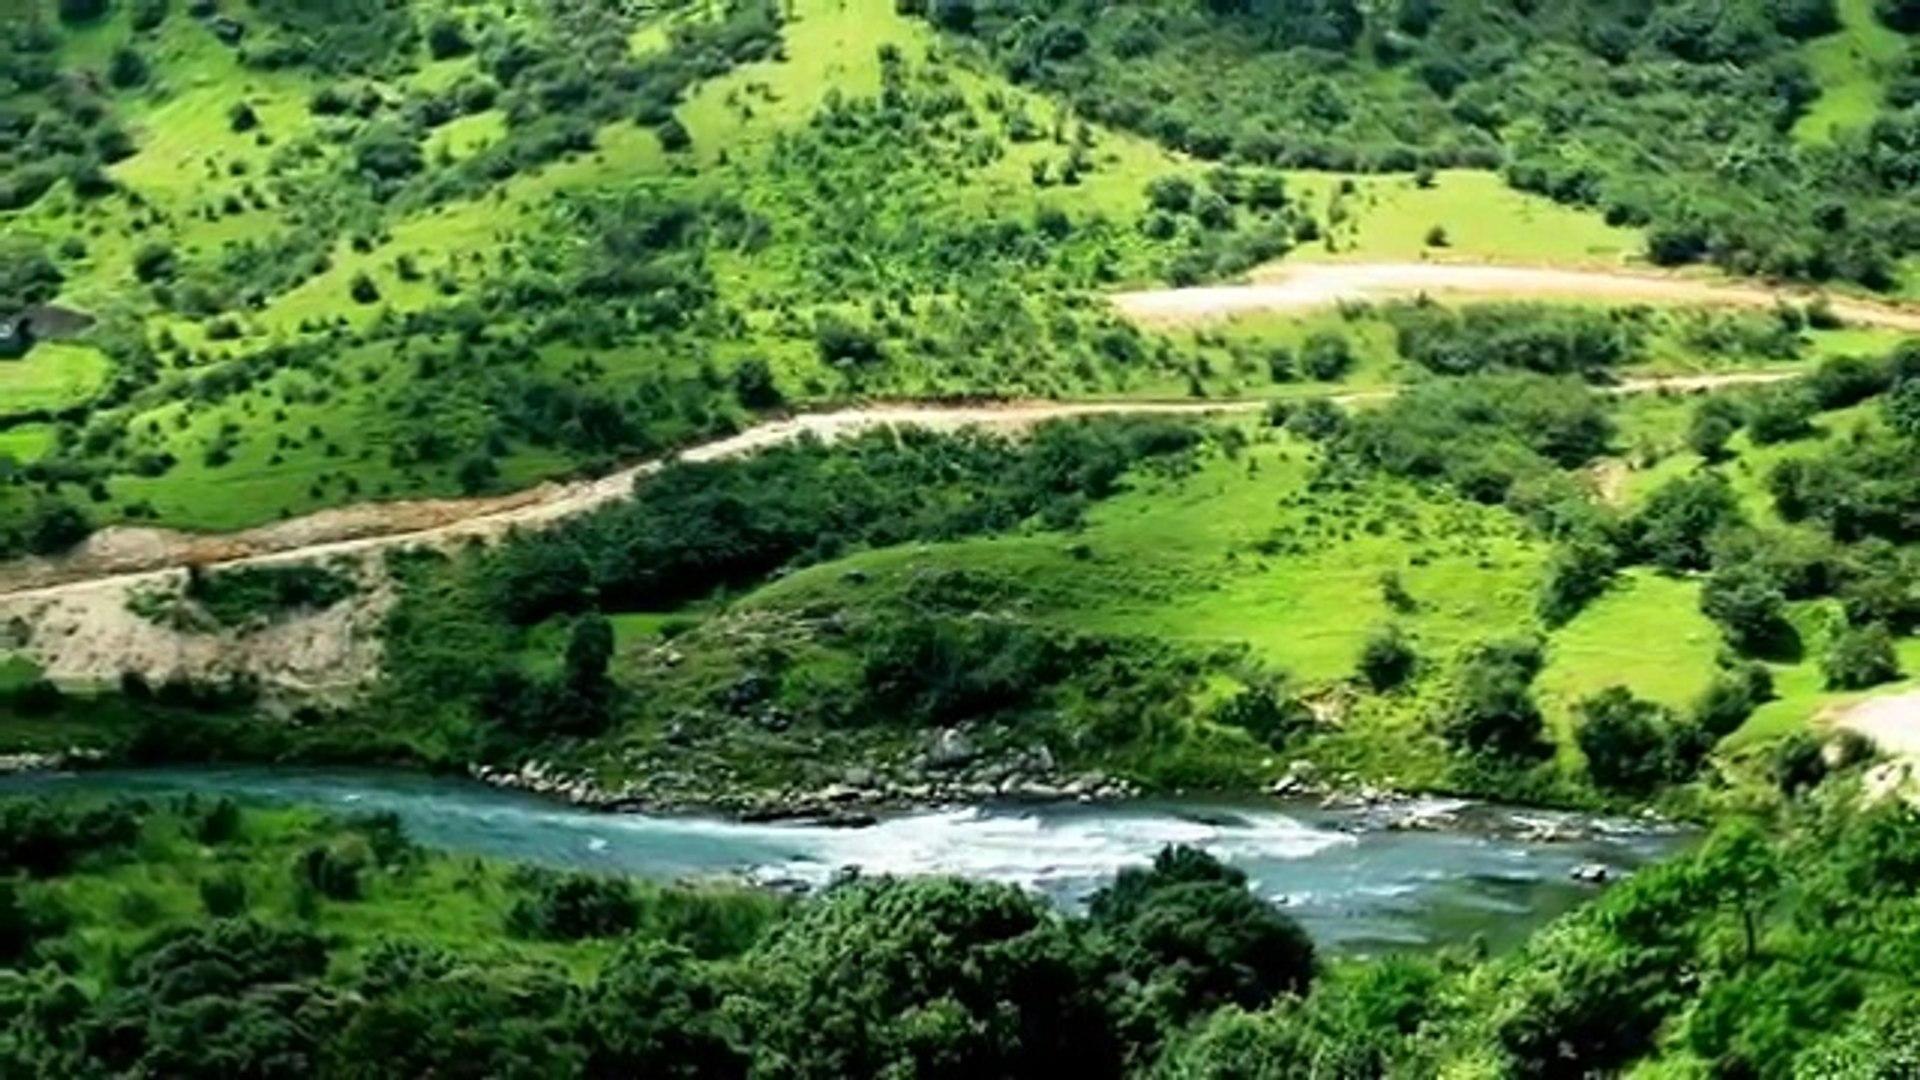 Cherrapunji Mawkdok Dympep Valley - Meghalaya, India